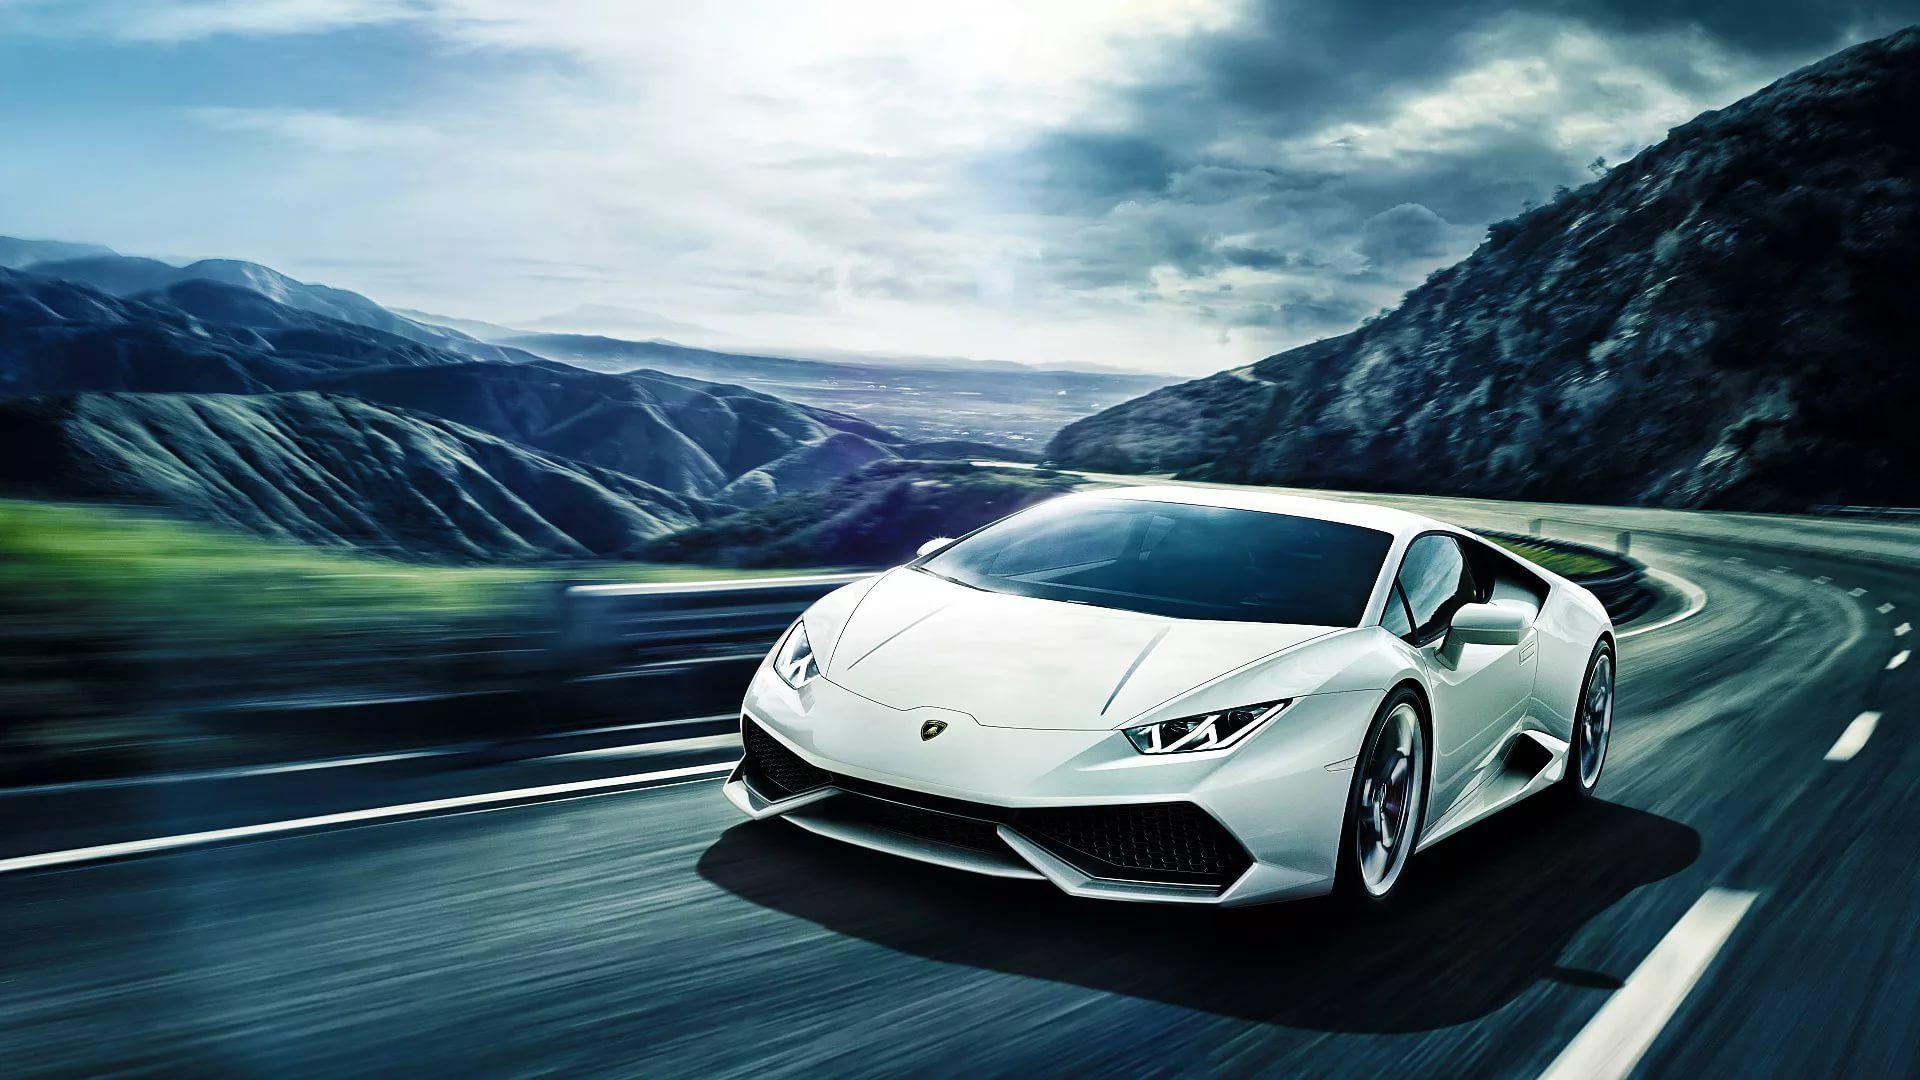 Lamborghini download nice wallpaper